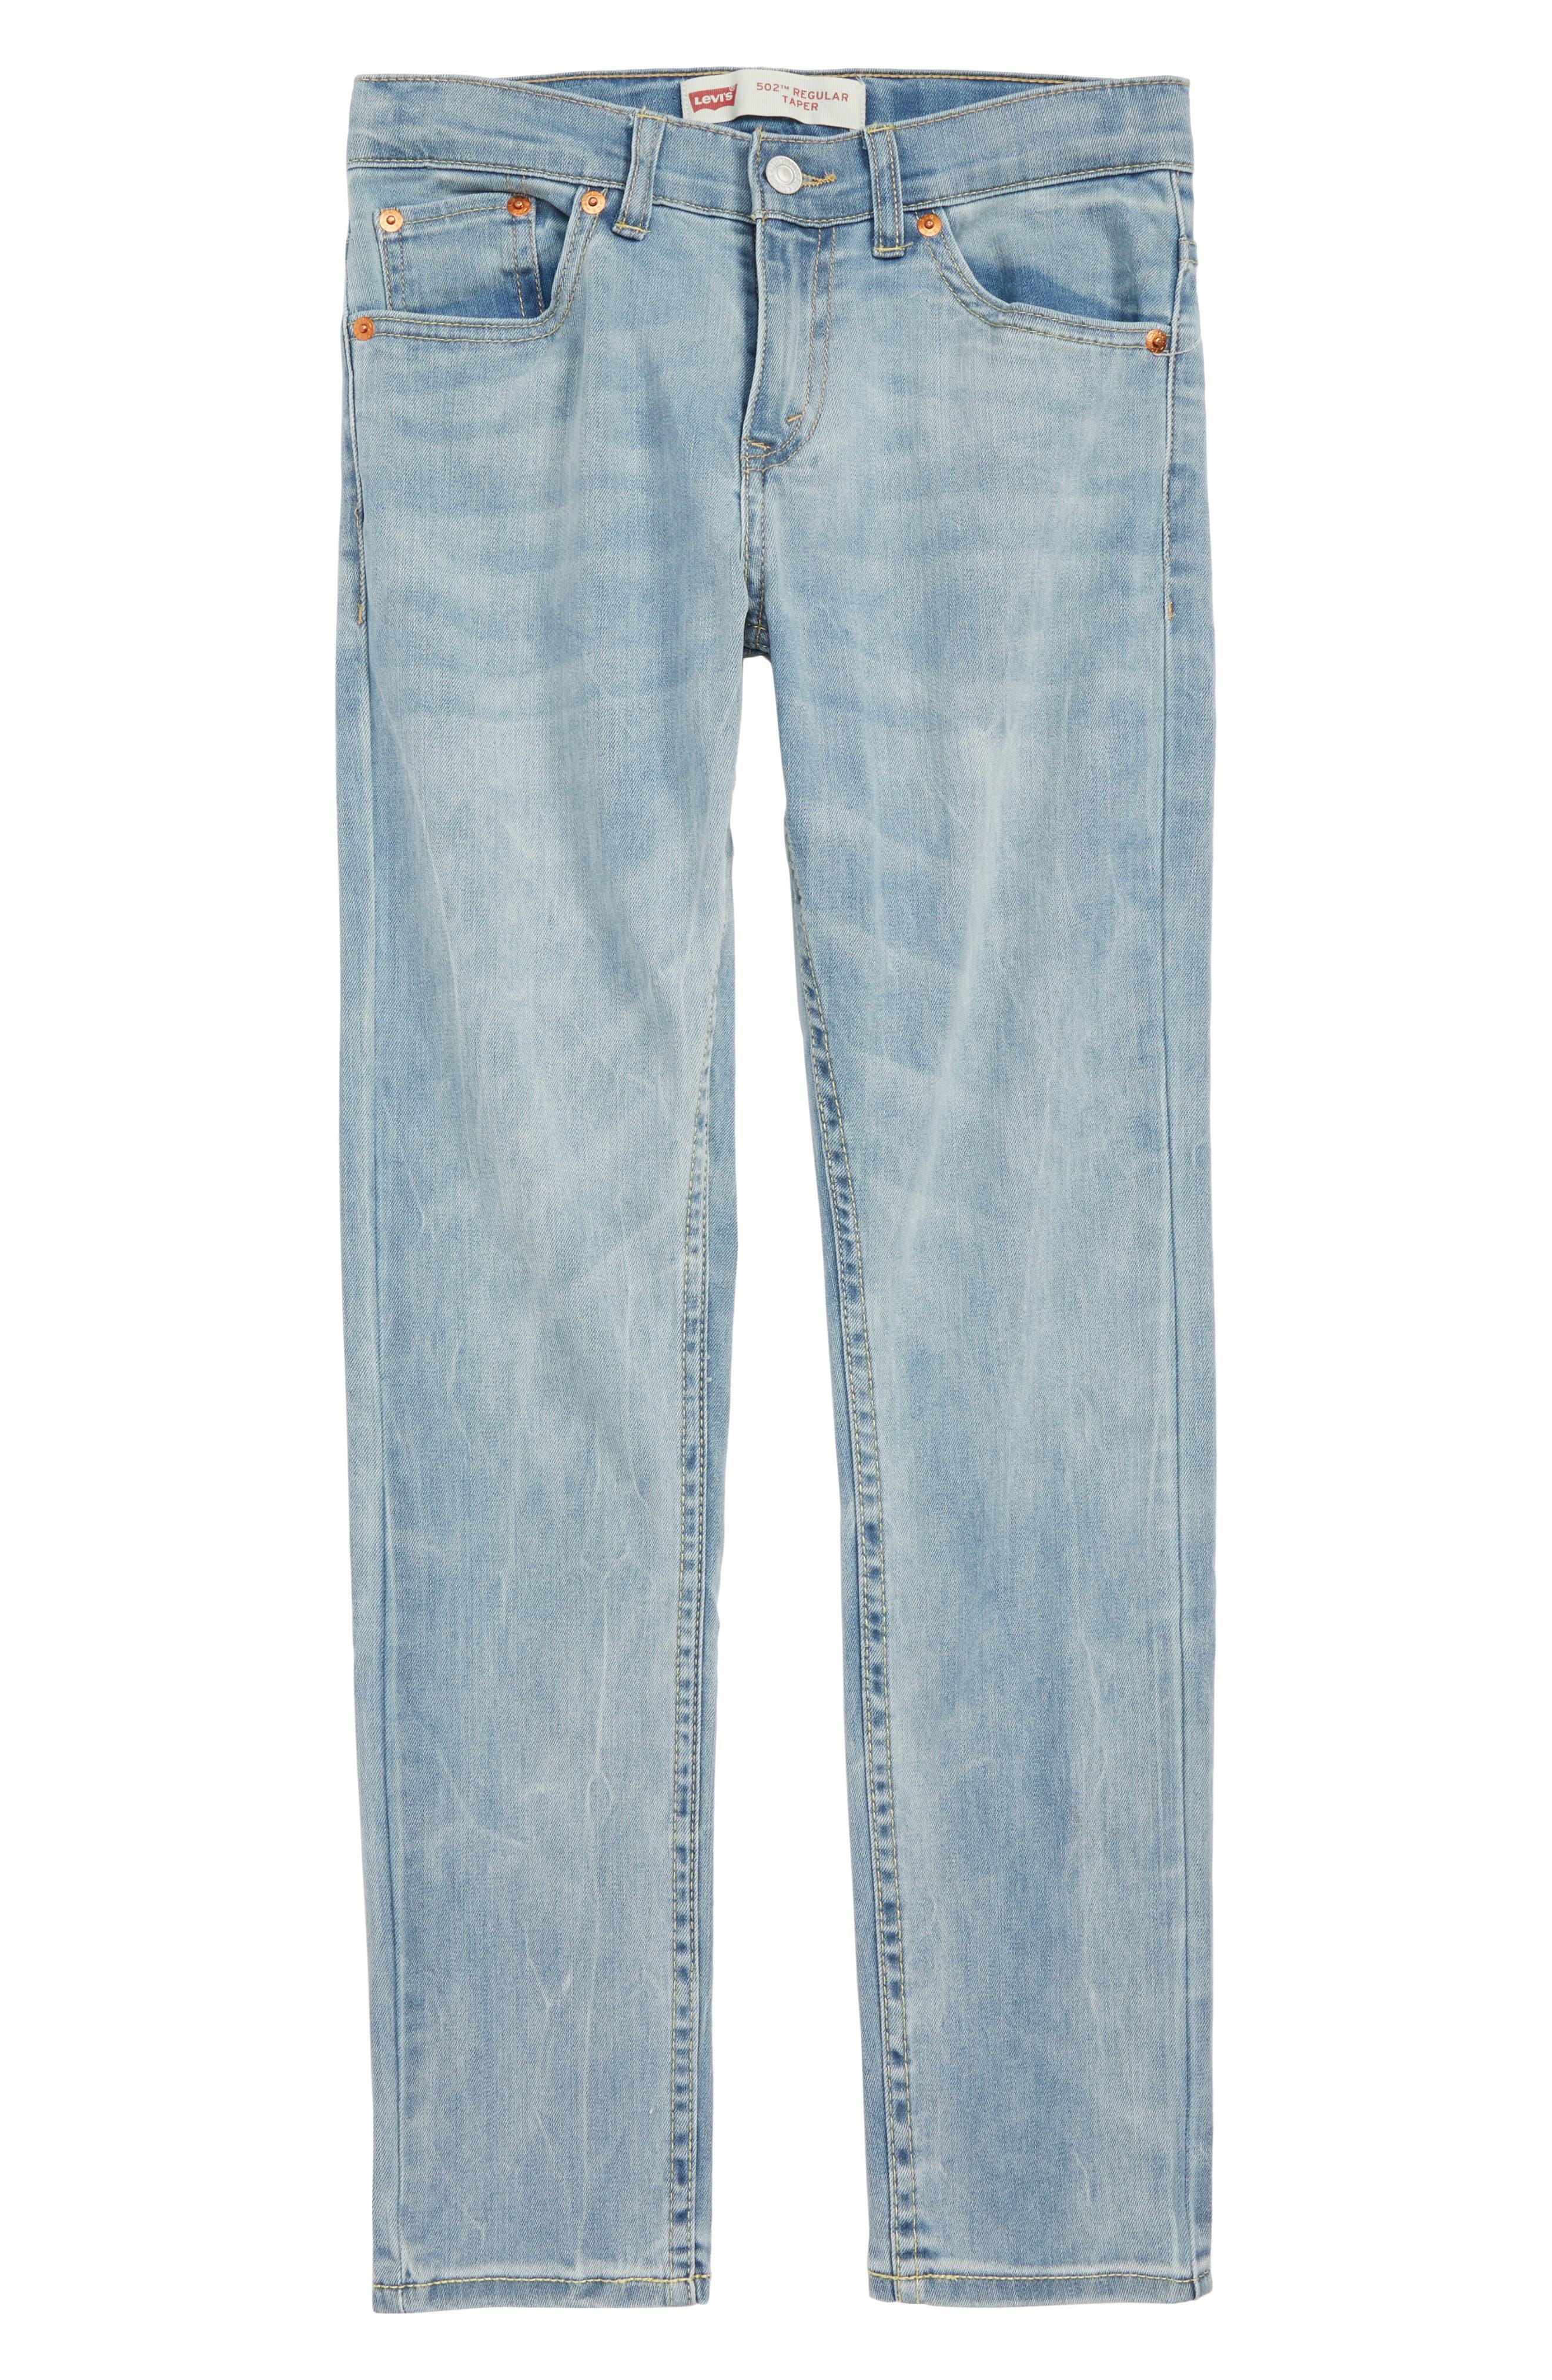 LEVI'S<SUP>®</SUP> Levi's<sup>®</sup> 502<sup>™</sup> Regular Taper Jeans, Main, color, YOSEMITE FALLS